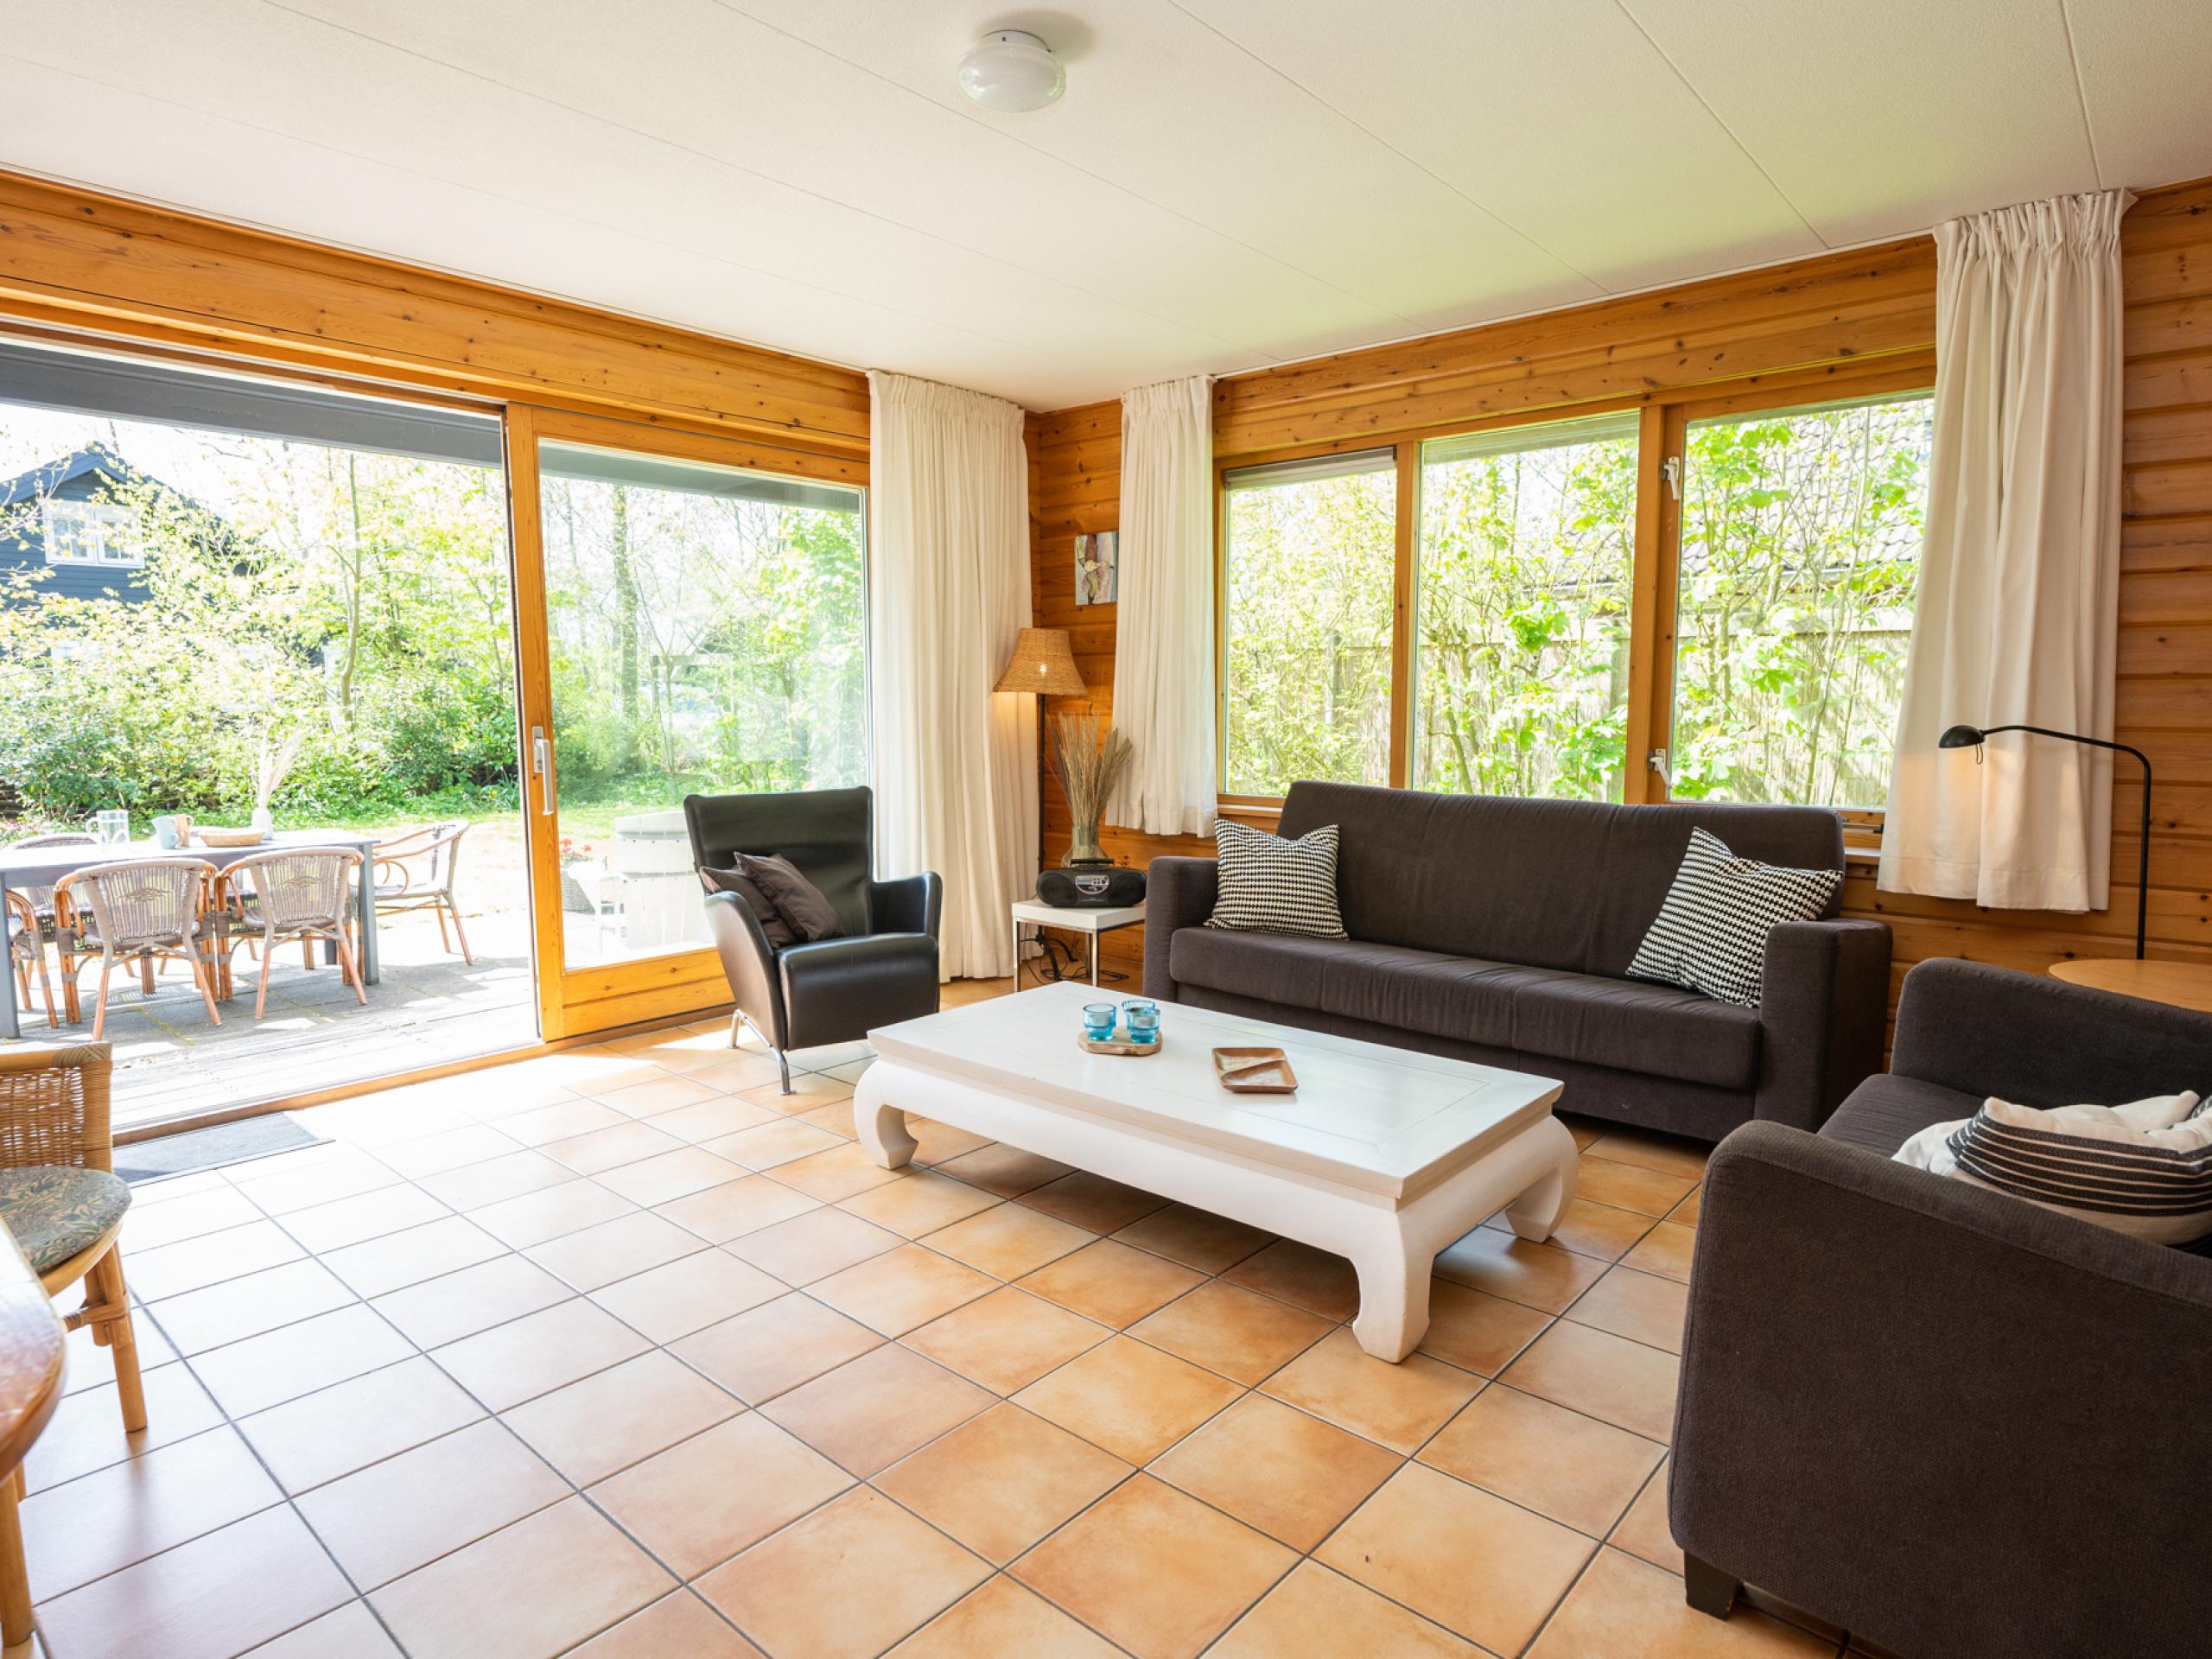 Attraktives Ferienhaus mit großem Garten und ruhiger Lage in der Nähe von De Koog